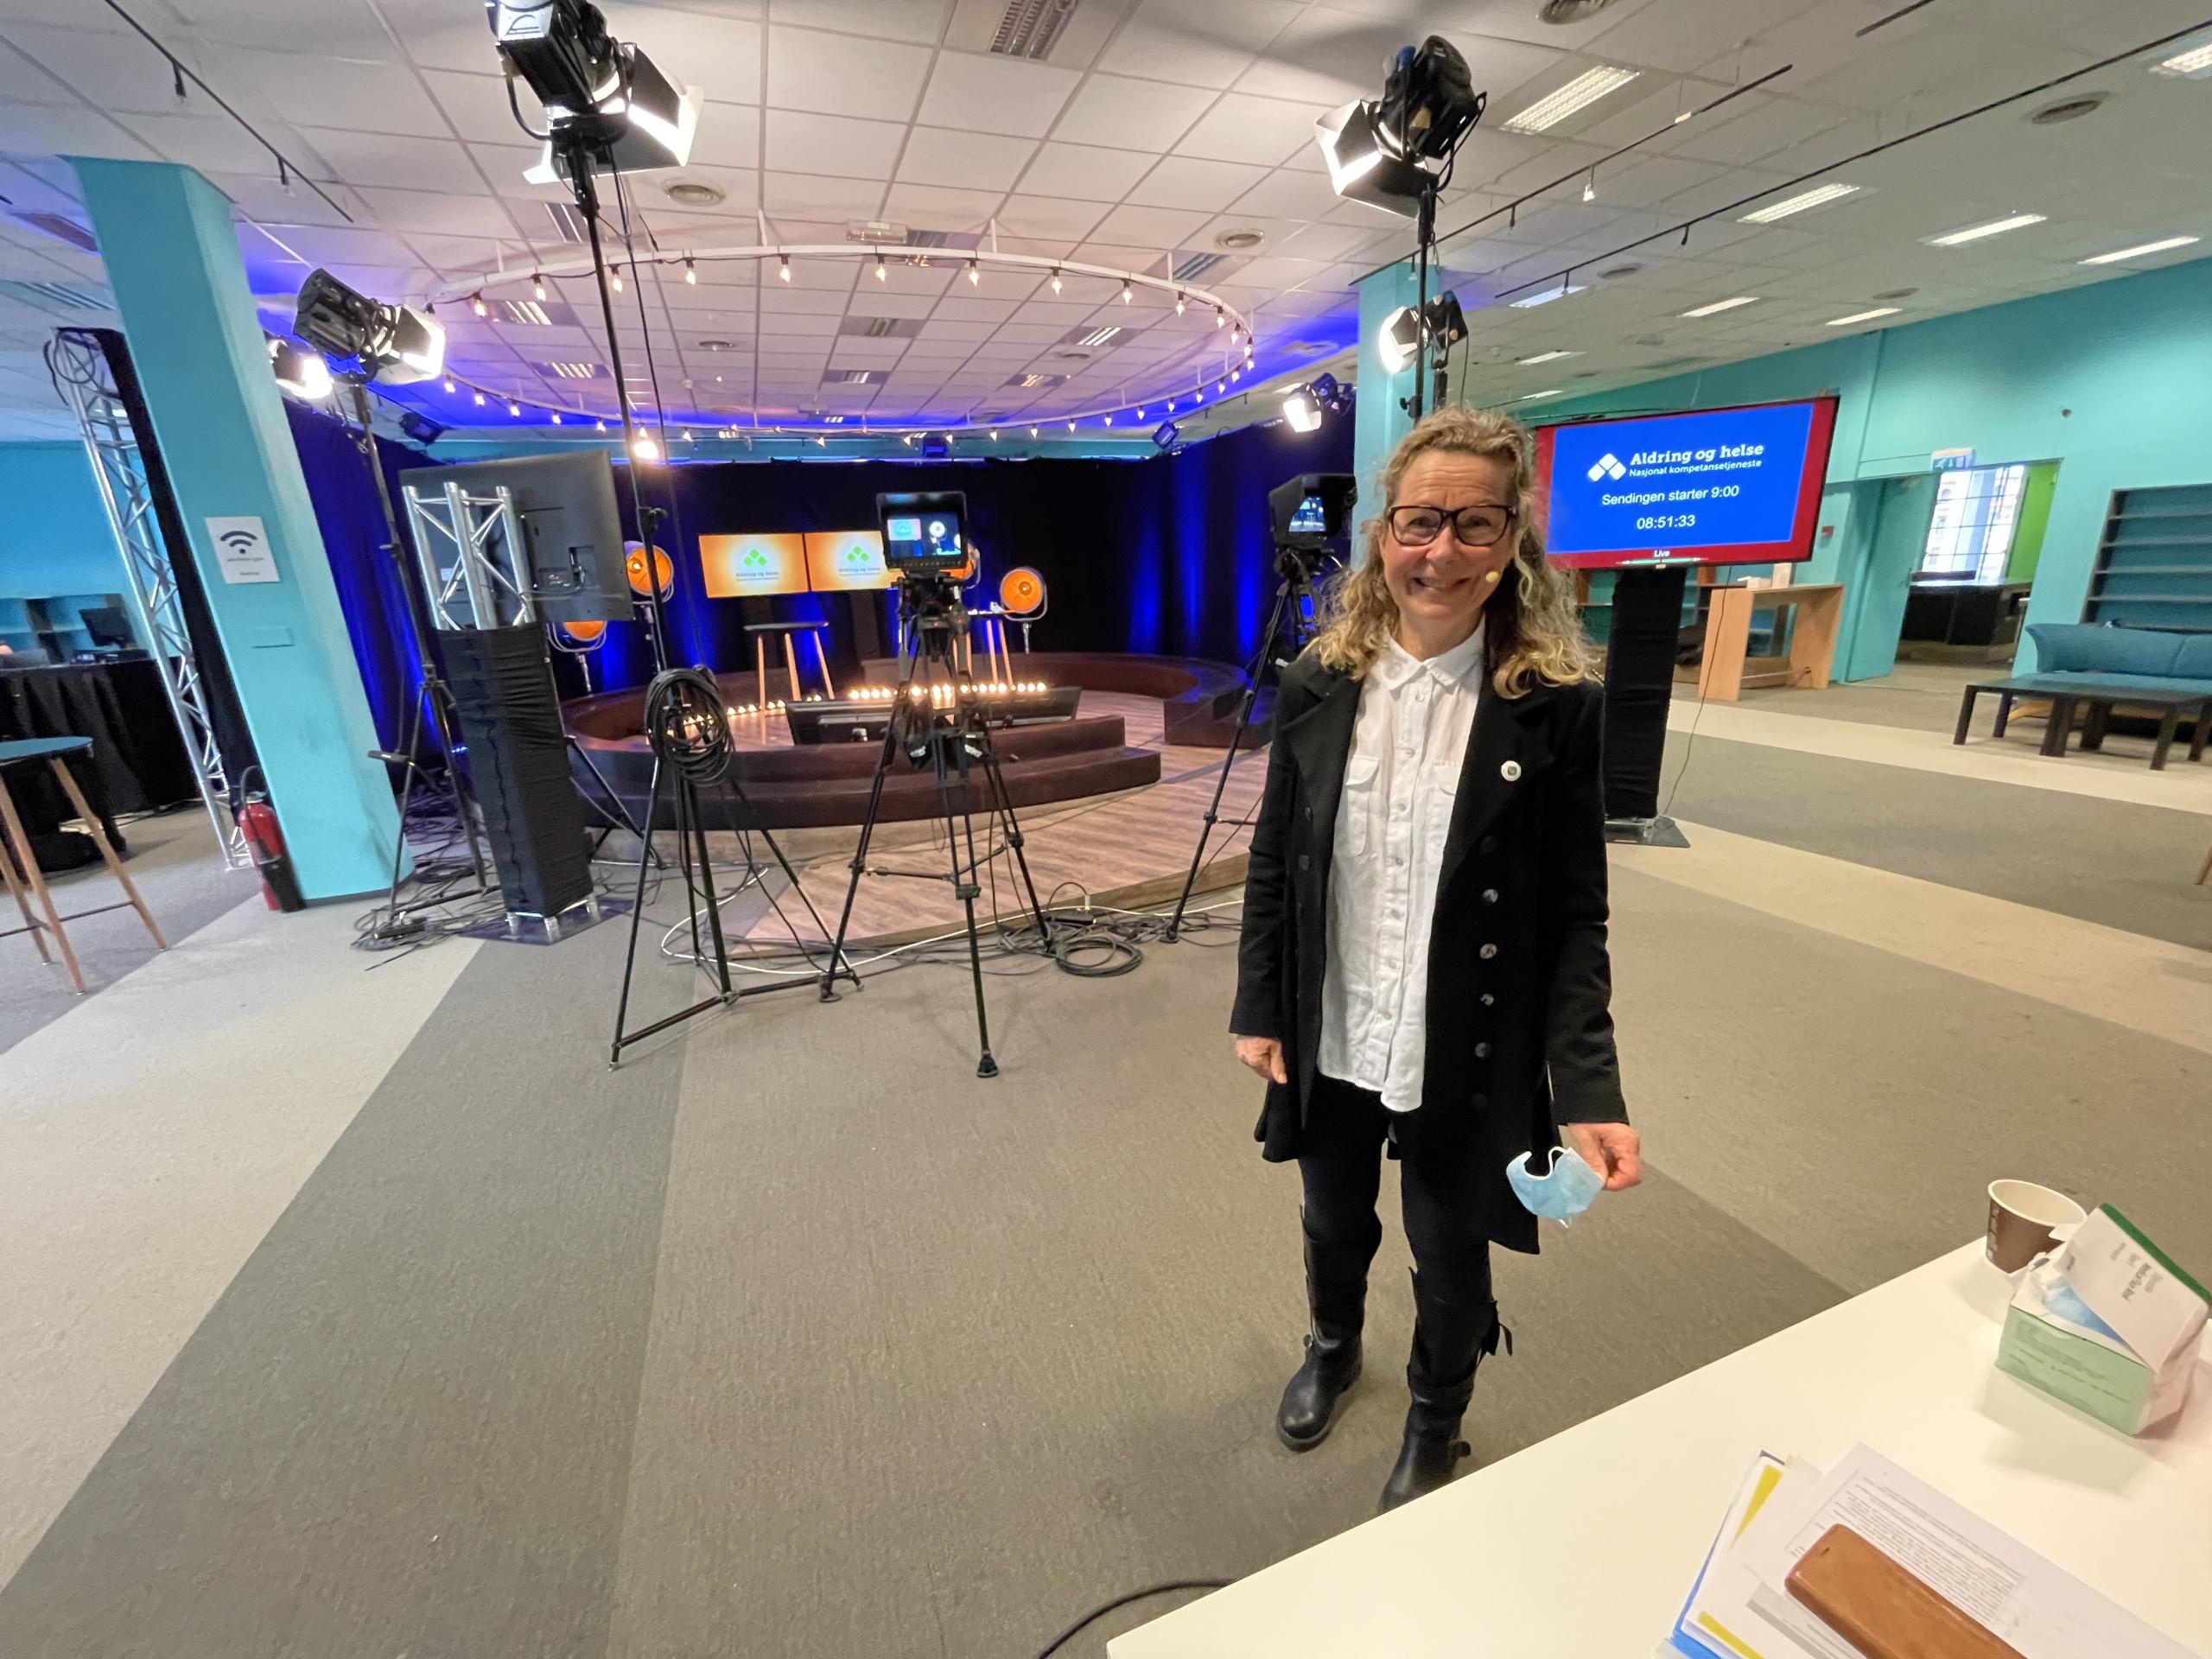 Kvinne smiler i studio. Foto.